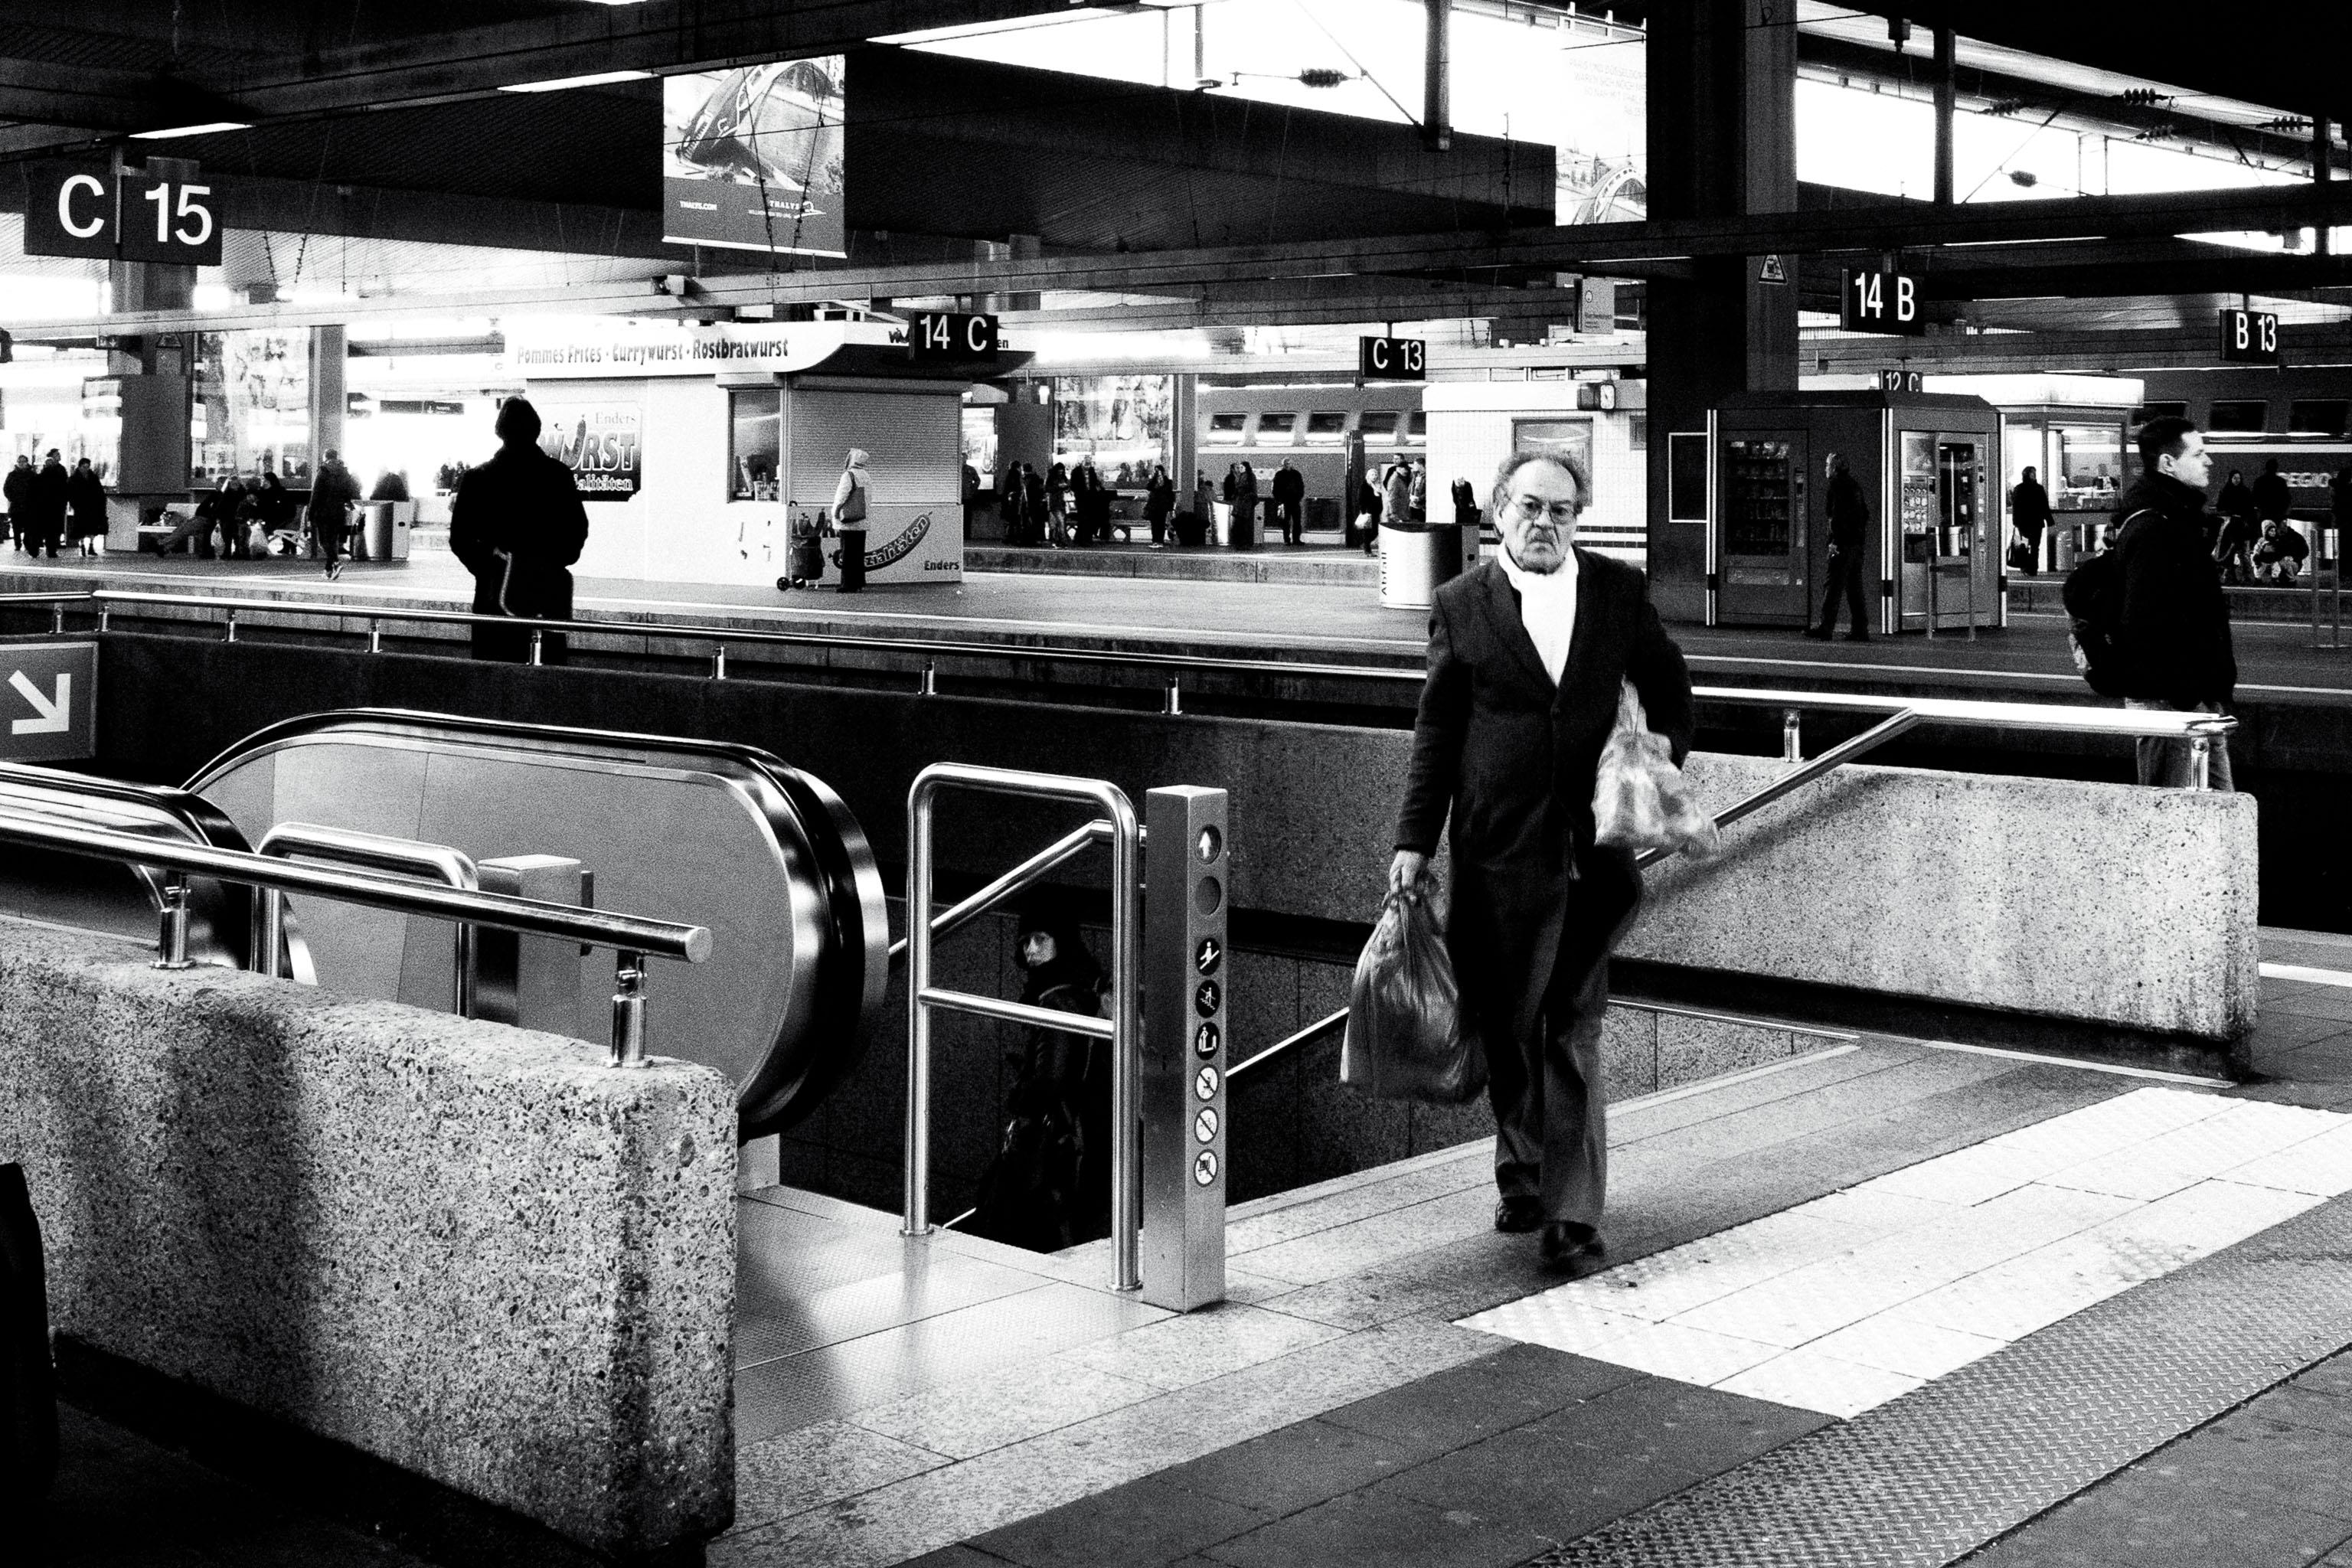 Sven-Michael---S-2013--6-[waiting-for-the-train]---©-Sven-Michael-Golimowski.jpg